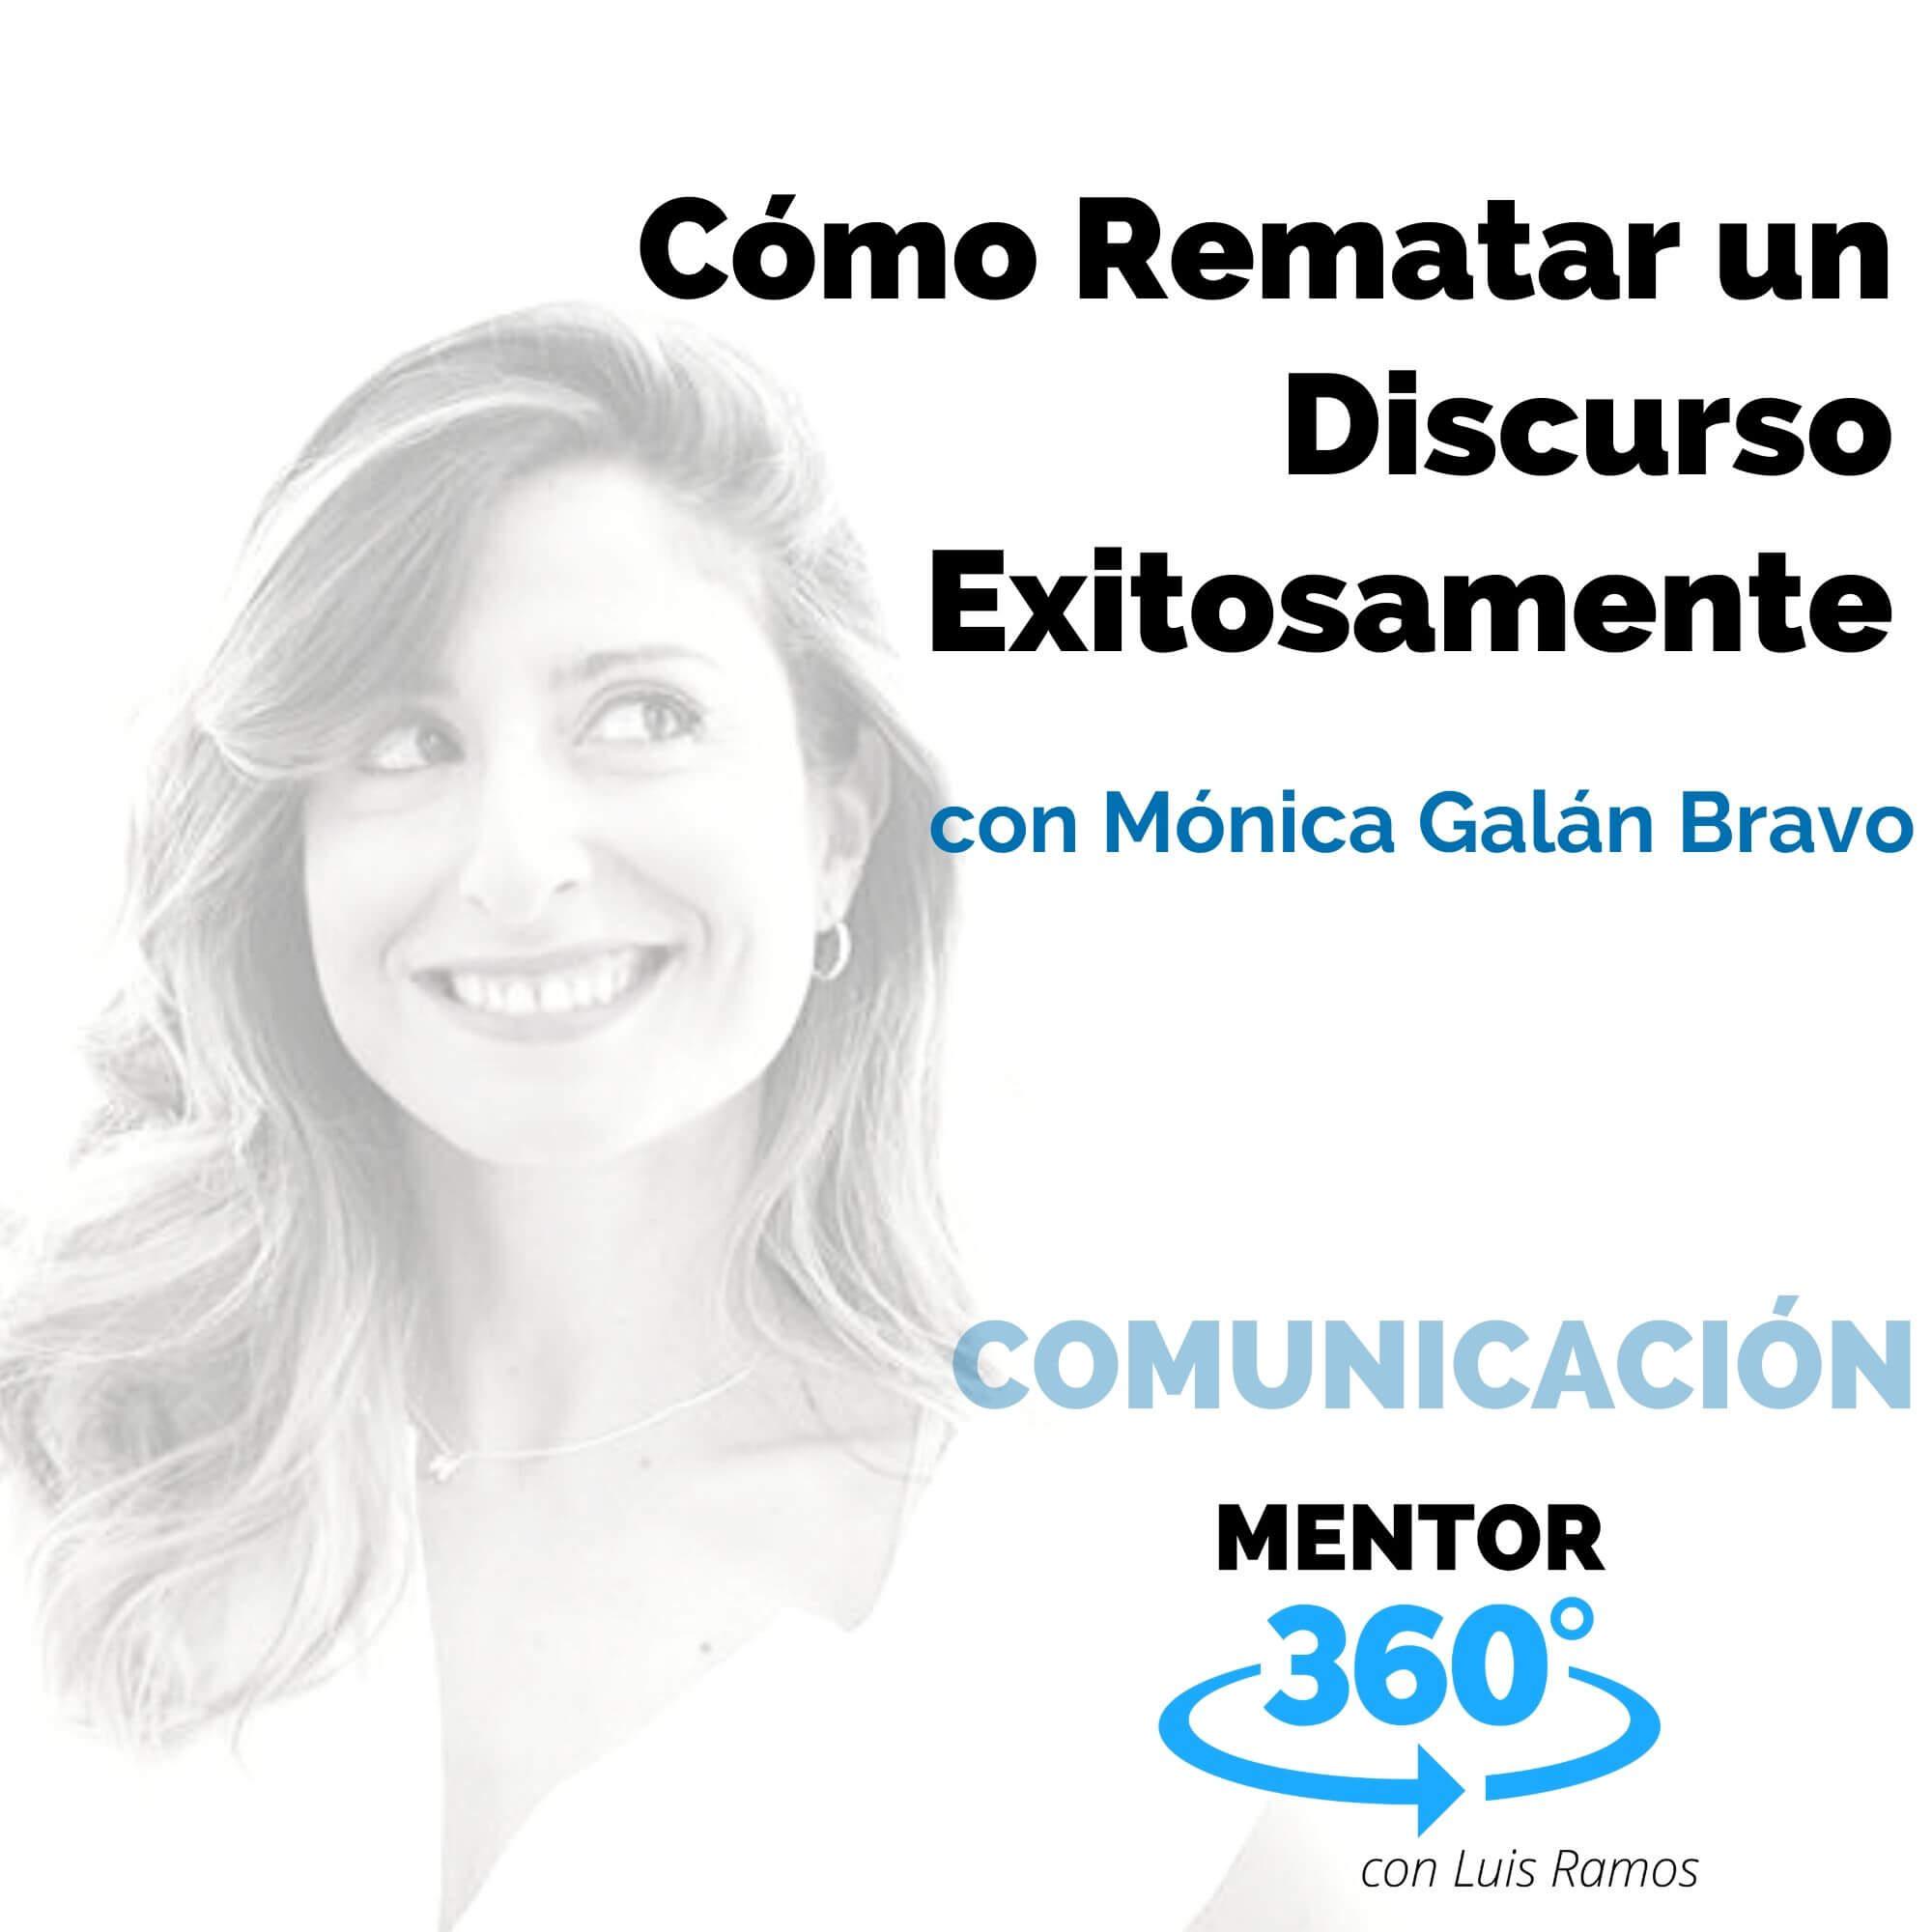 Cómo Rematar un Discurso Exitosamente, con Mónica Galán Bravo - COMUNICACIÓN